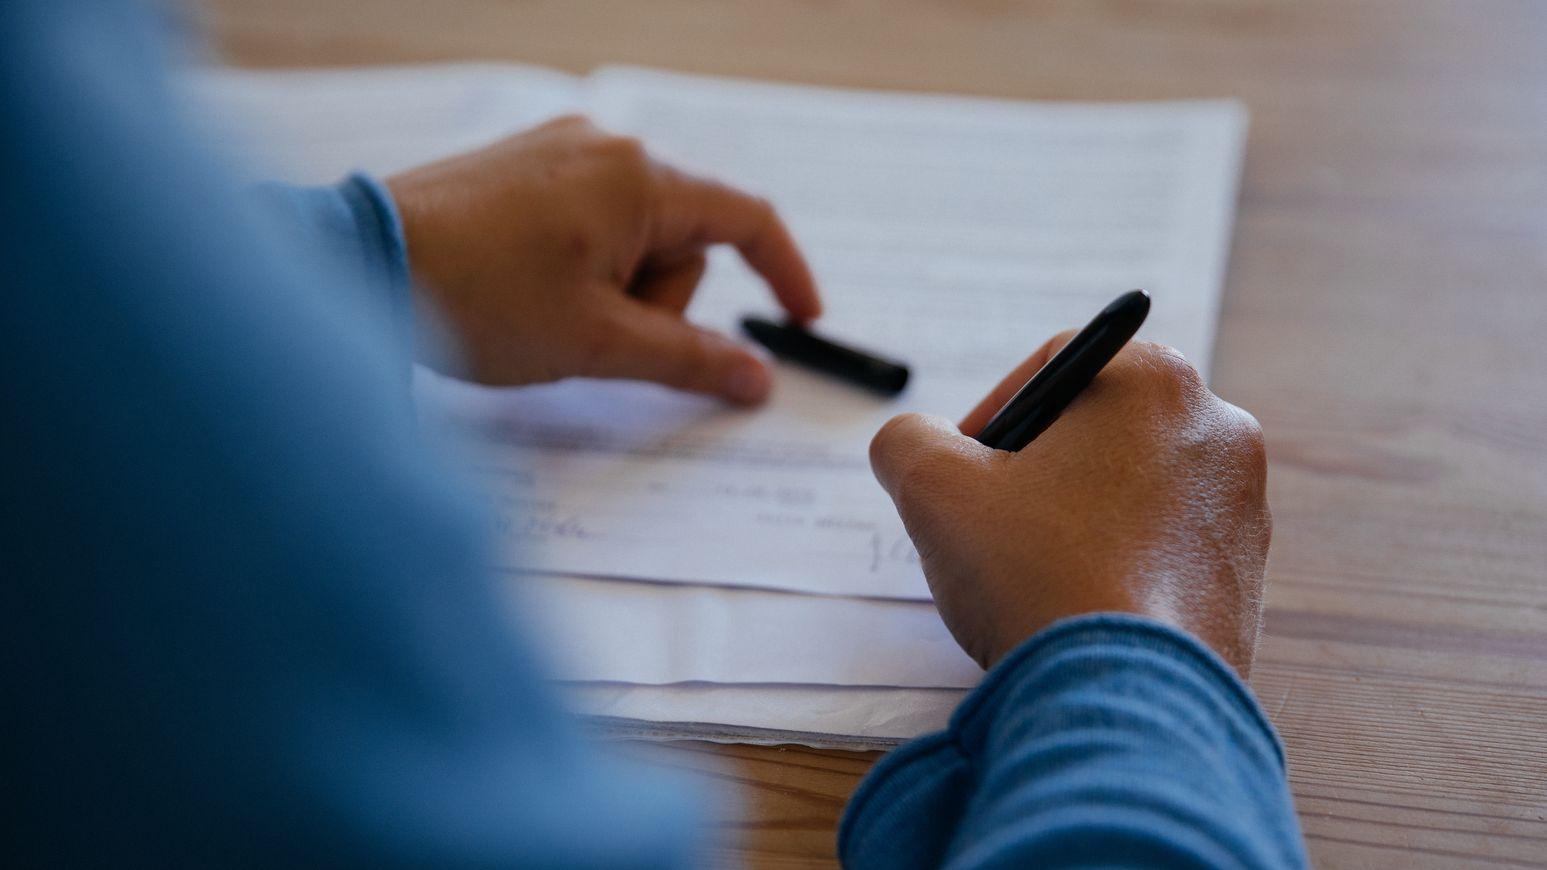 Bei Vertragsschlüssen sollte die Jahreszahl ausgeschrieben werden, rät die Verbraucherzentrale Bayern.